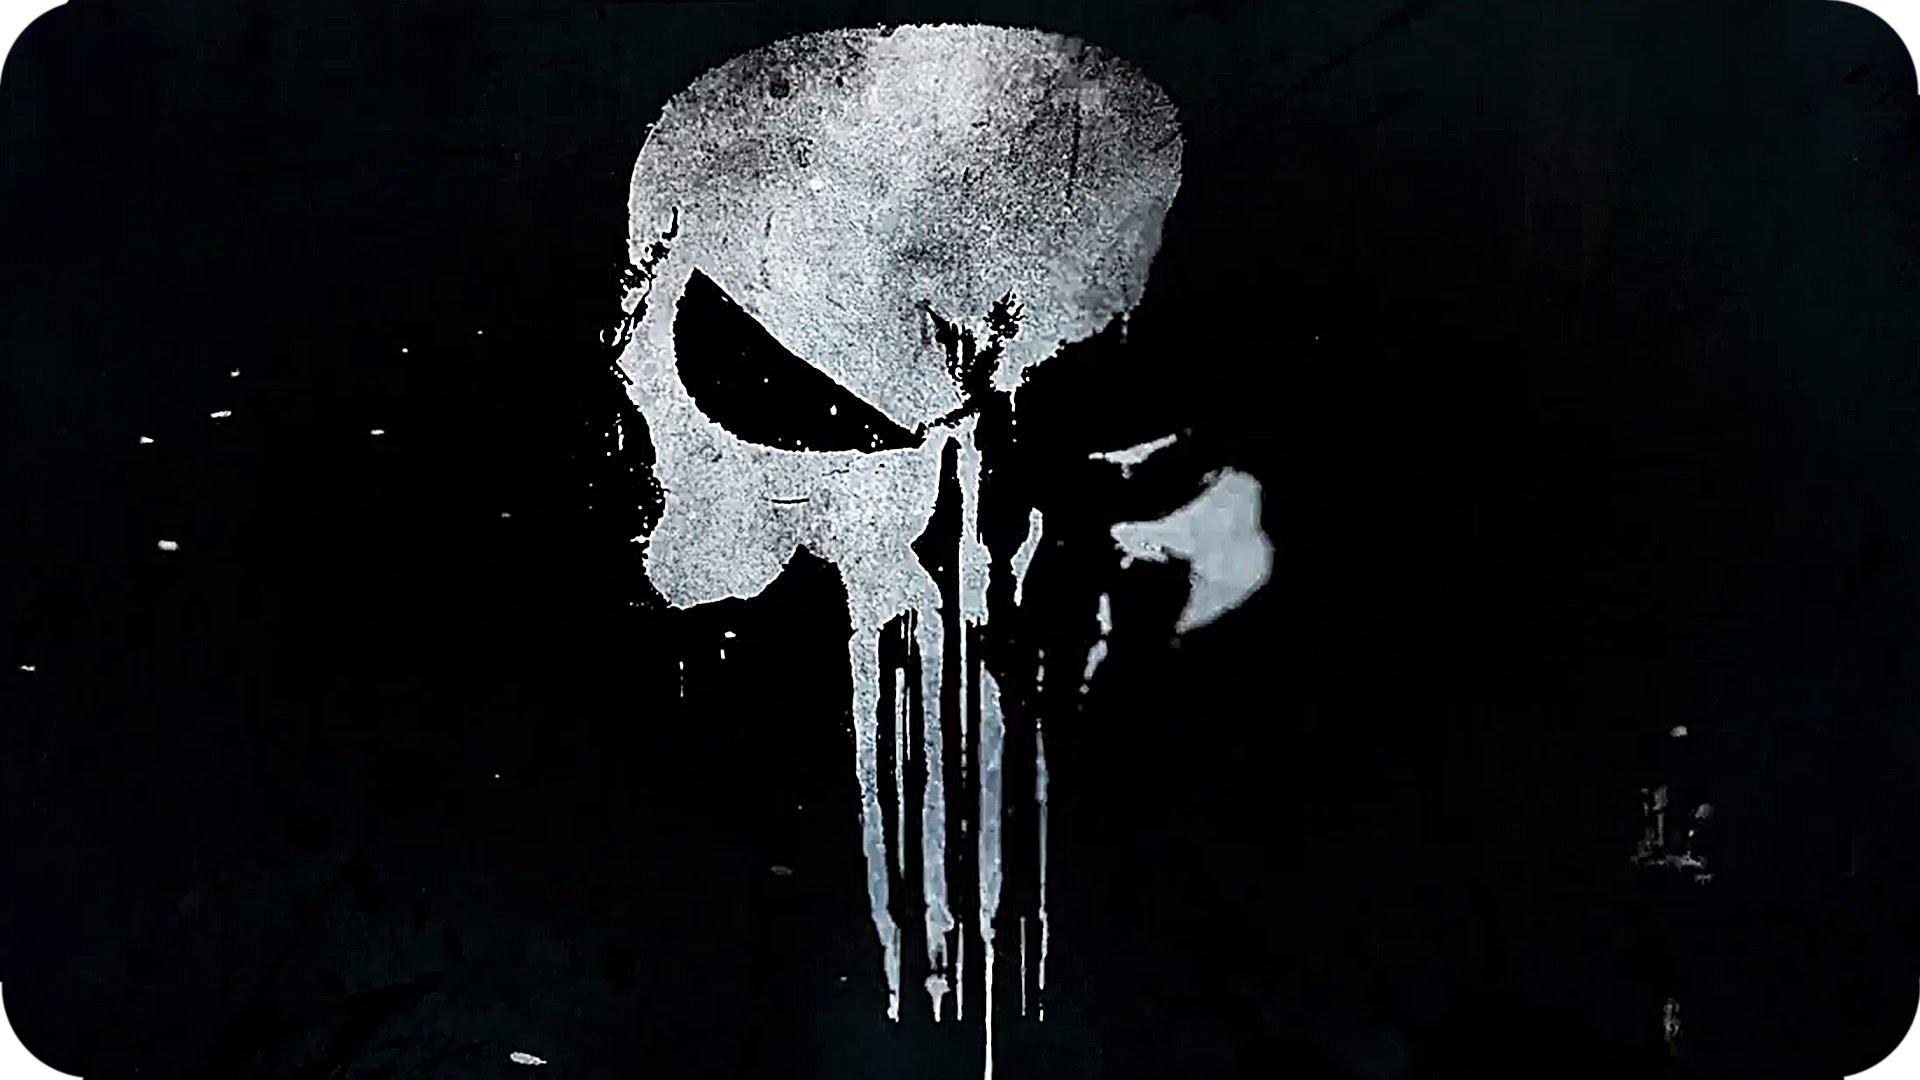 Daredevil Punisher Wallpaper 61 Images